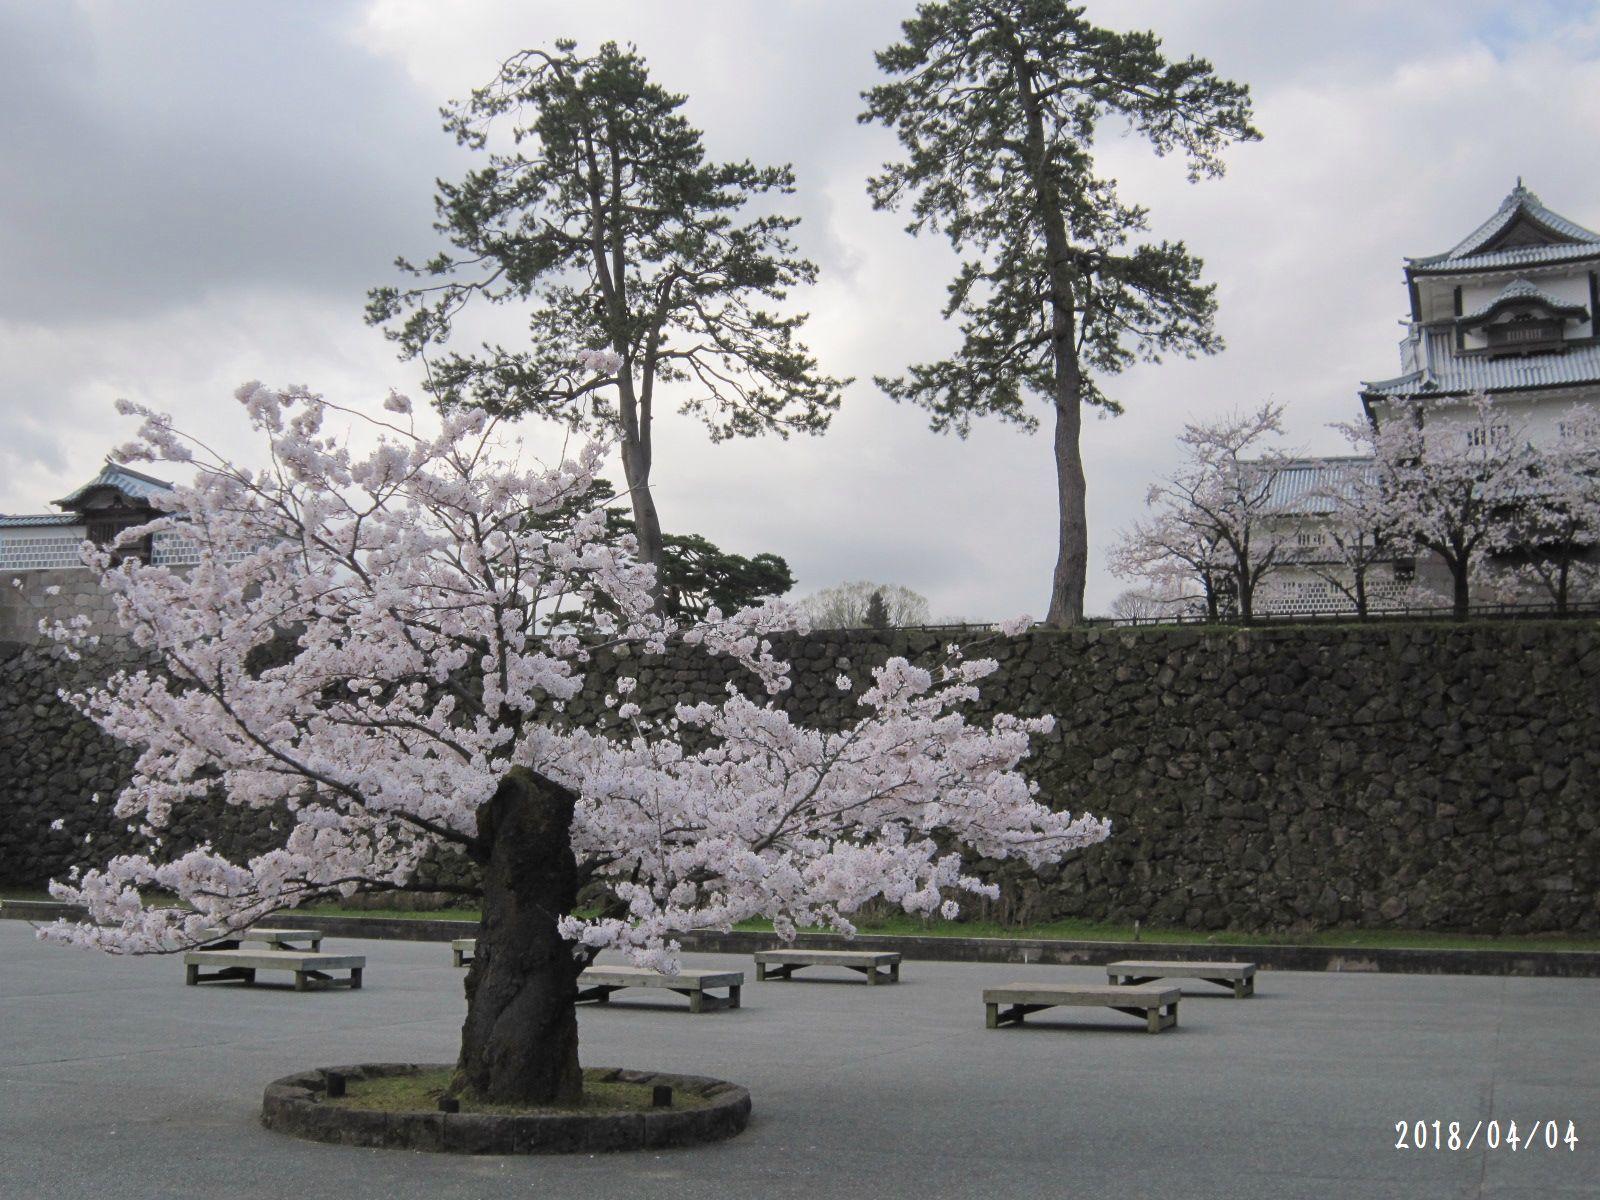 桜だより❀ 満開です❀ (4月7日 追記あり)  _a0207574_17035915.jpg